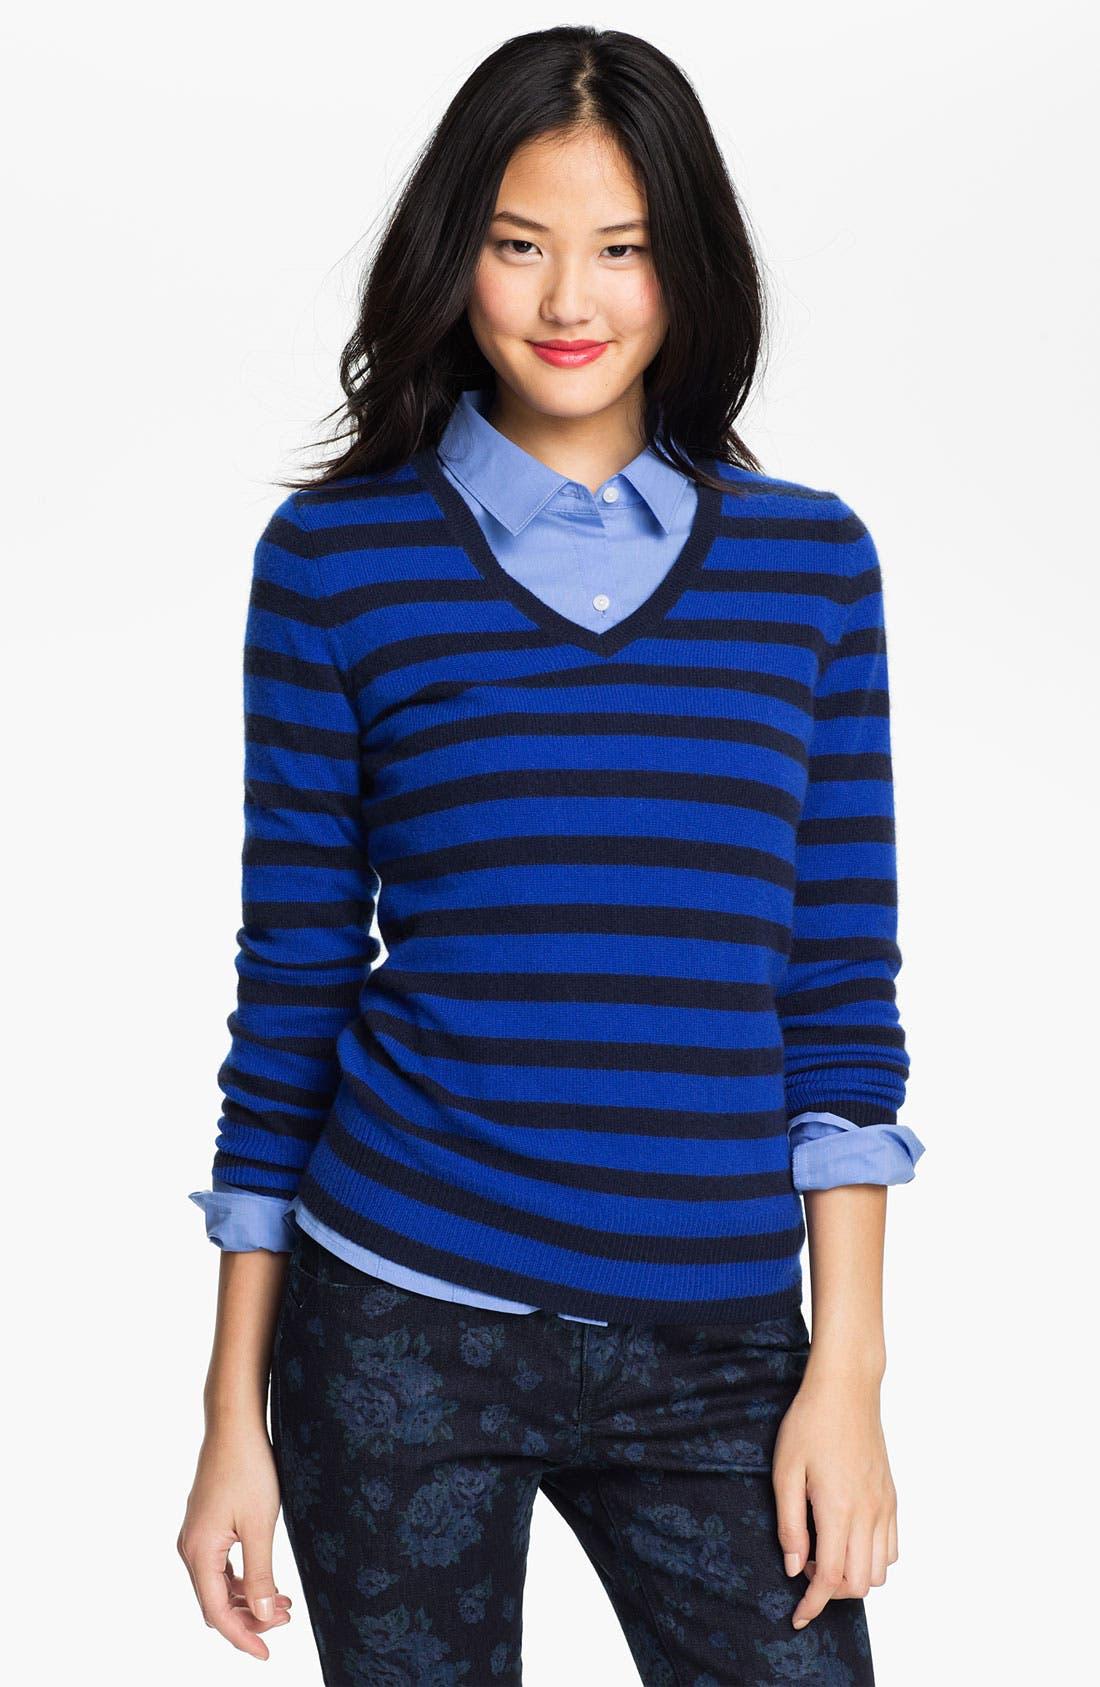 Alternate Image 1 Selected - Halogen V-Neck Cashmere Sweater (Petite)